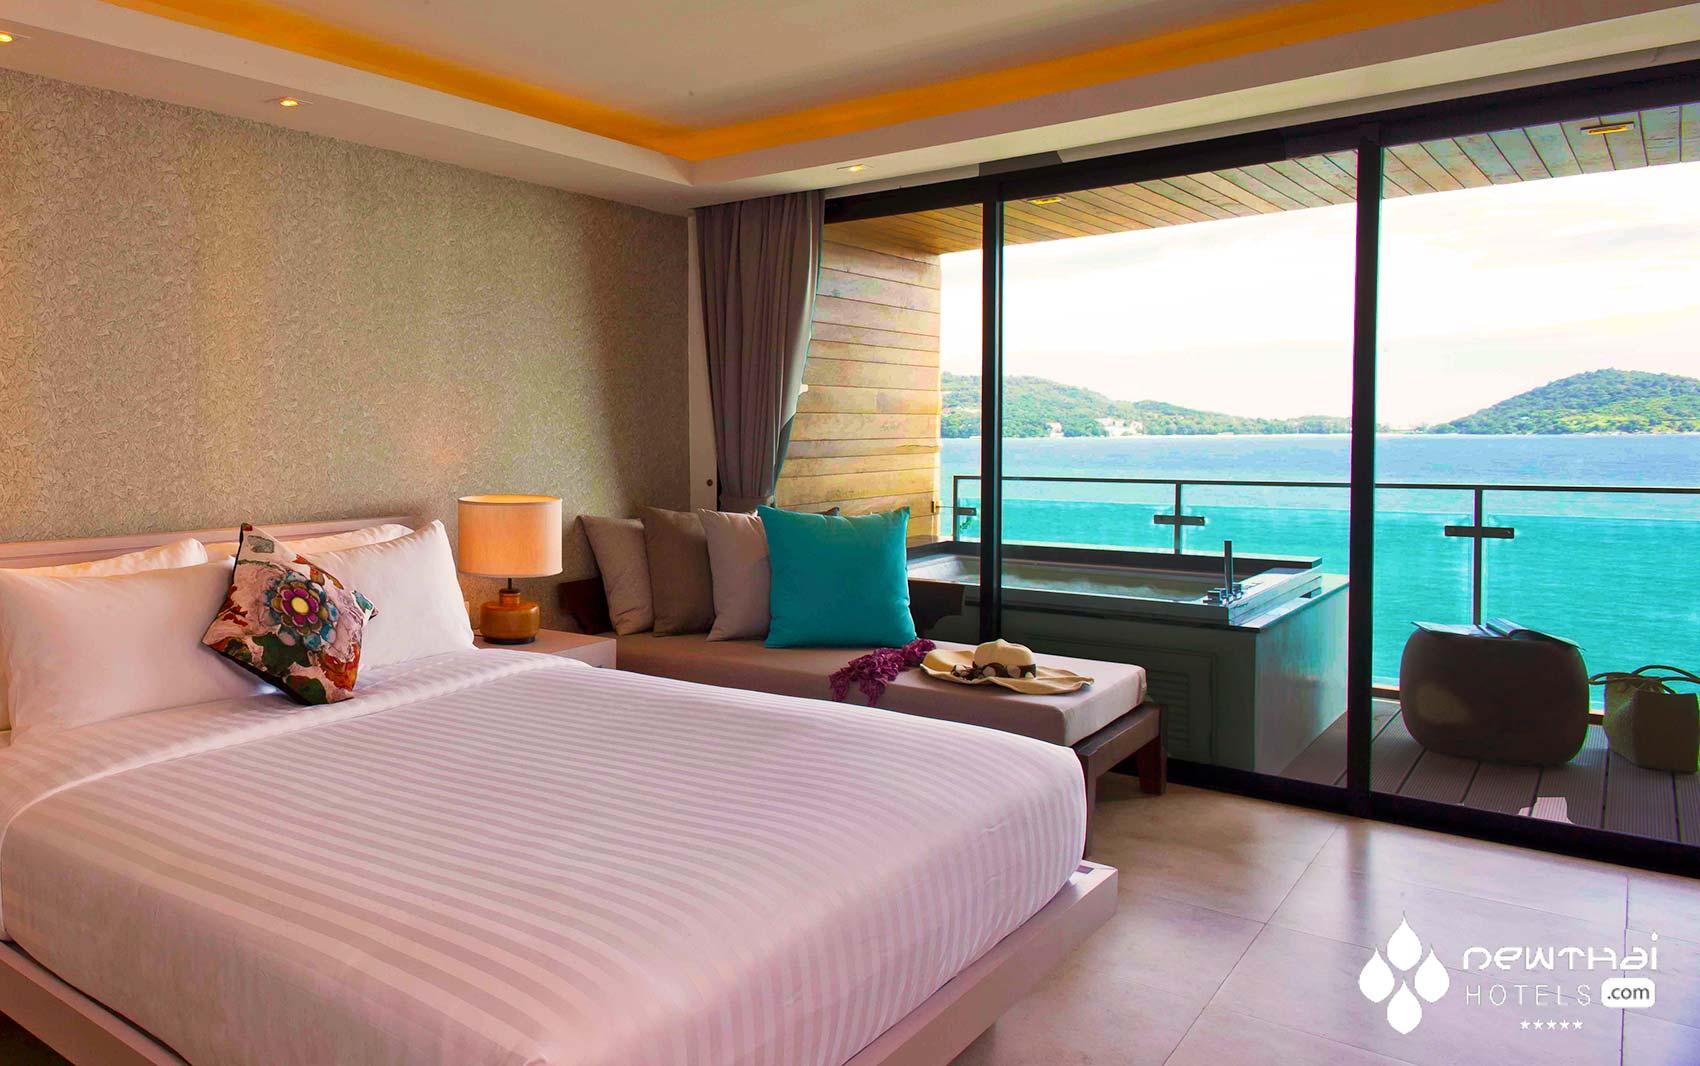 Deluxe Seaview Room at Zenmaya Phuket